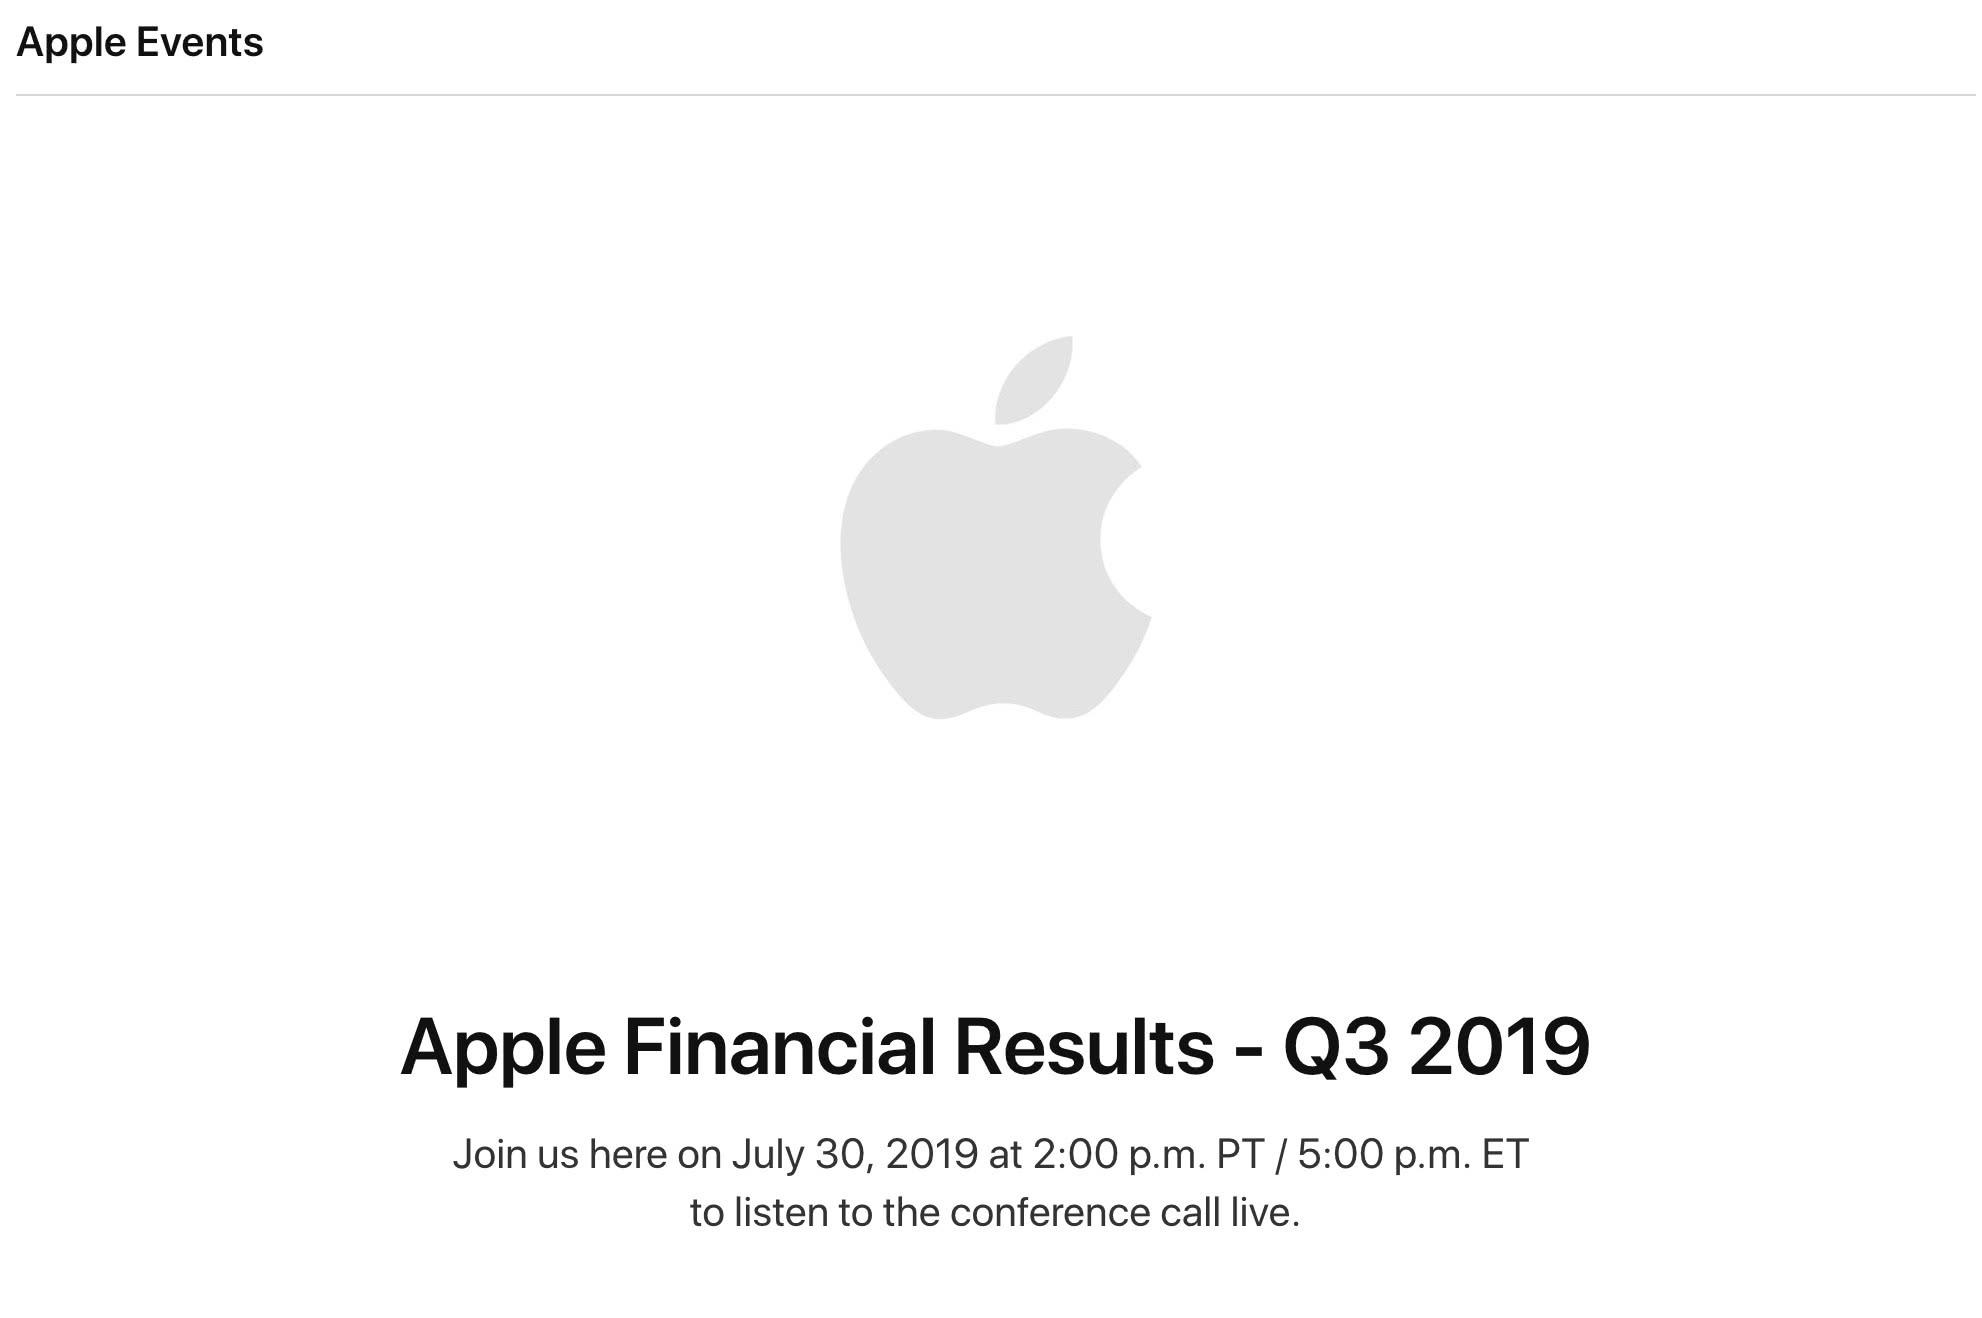 库克砸出160亿美元 能救iPhone?